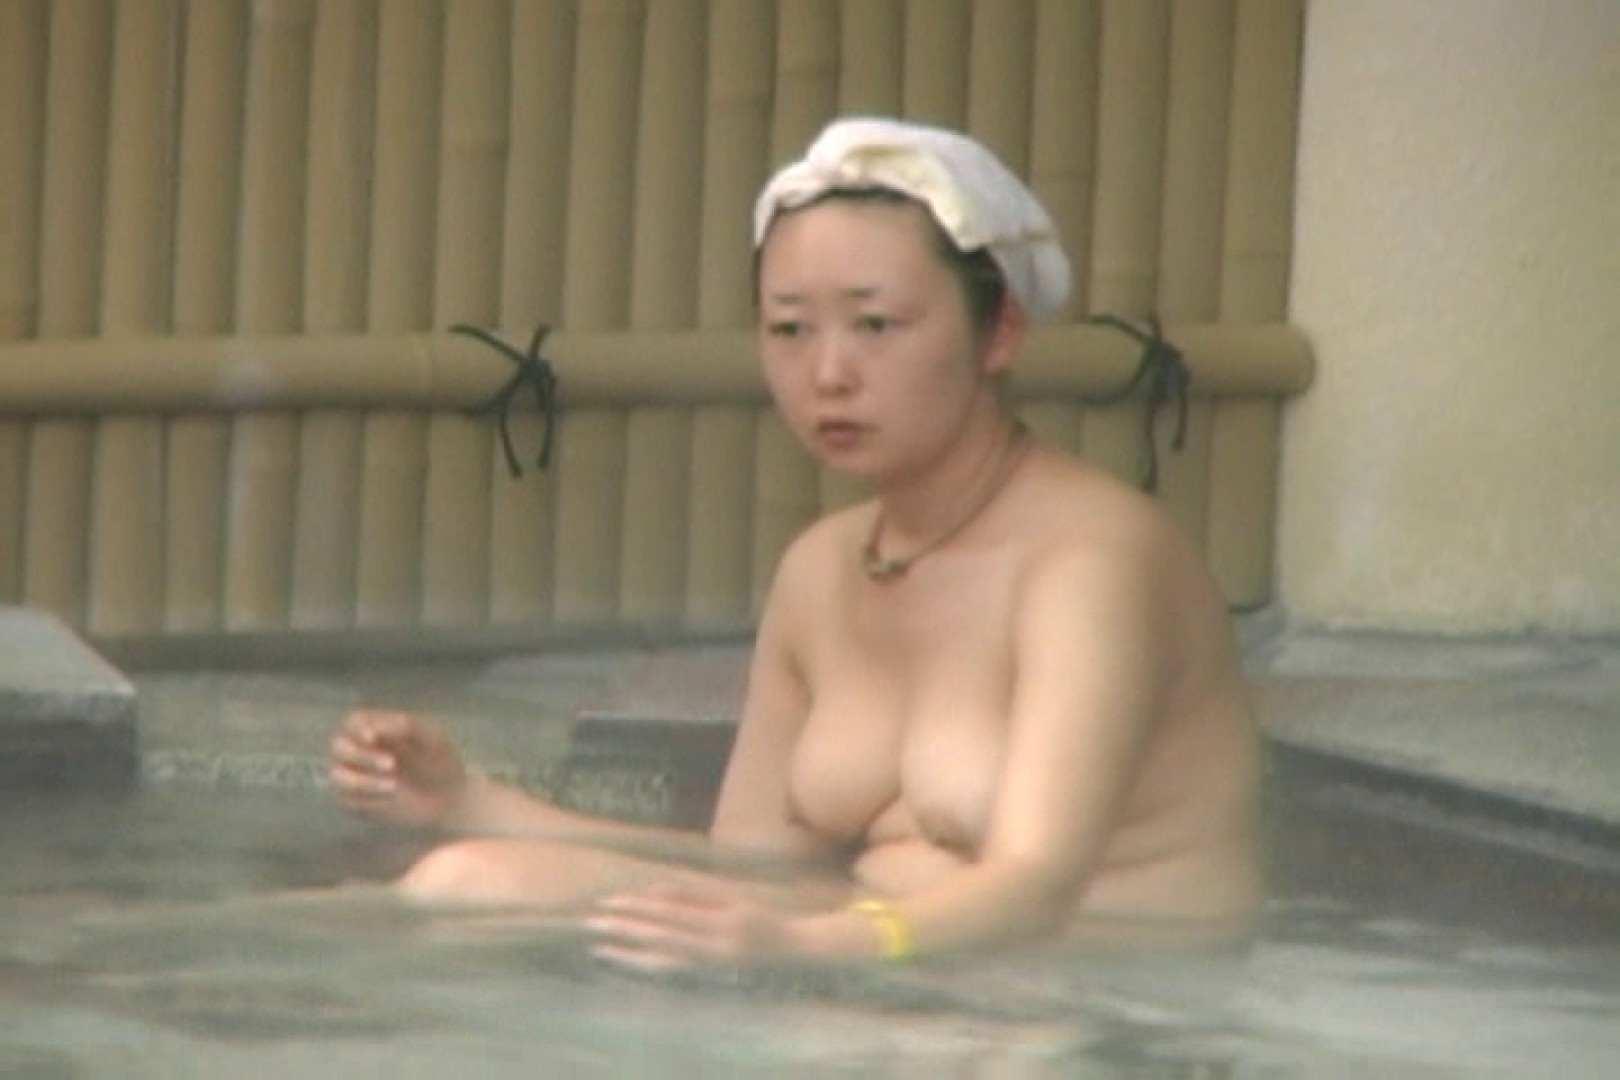 Aquaな露天風呂Vol.564 美しいOLの裸体  100pic 75